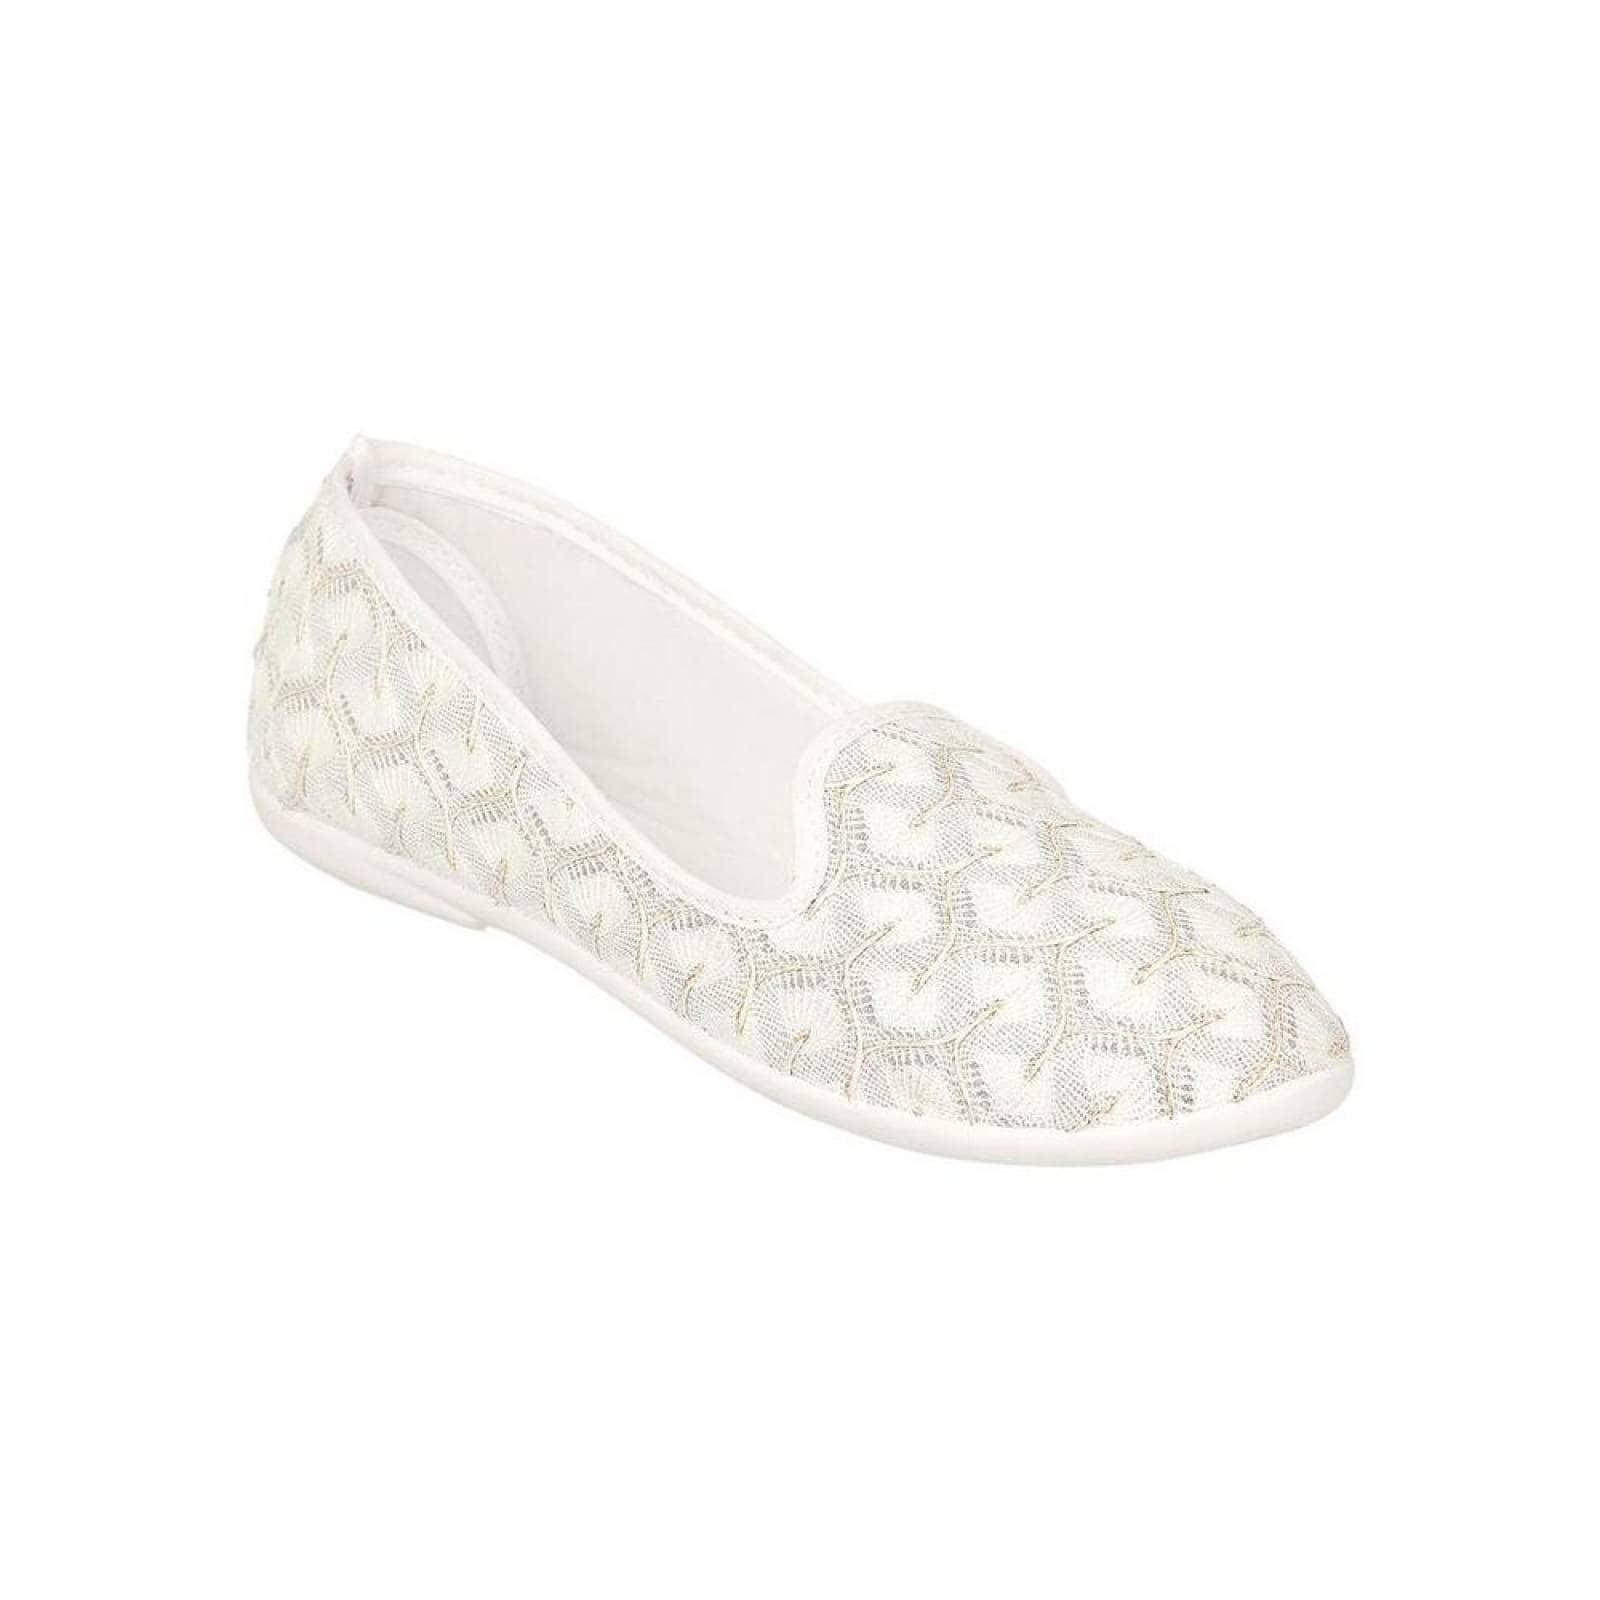 Zapato Cerrado Magic Shoes Mujer Beige Textil 850